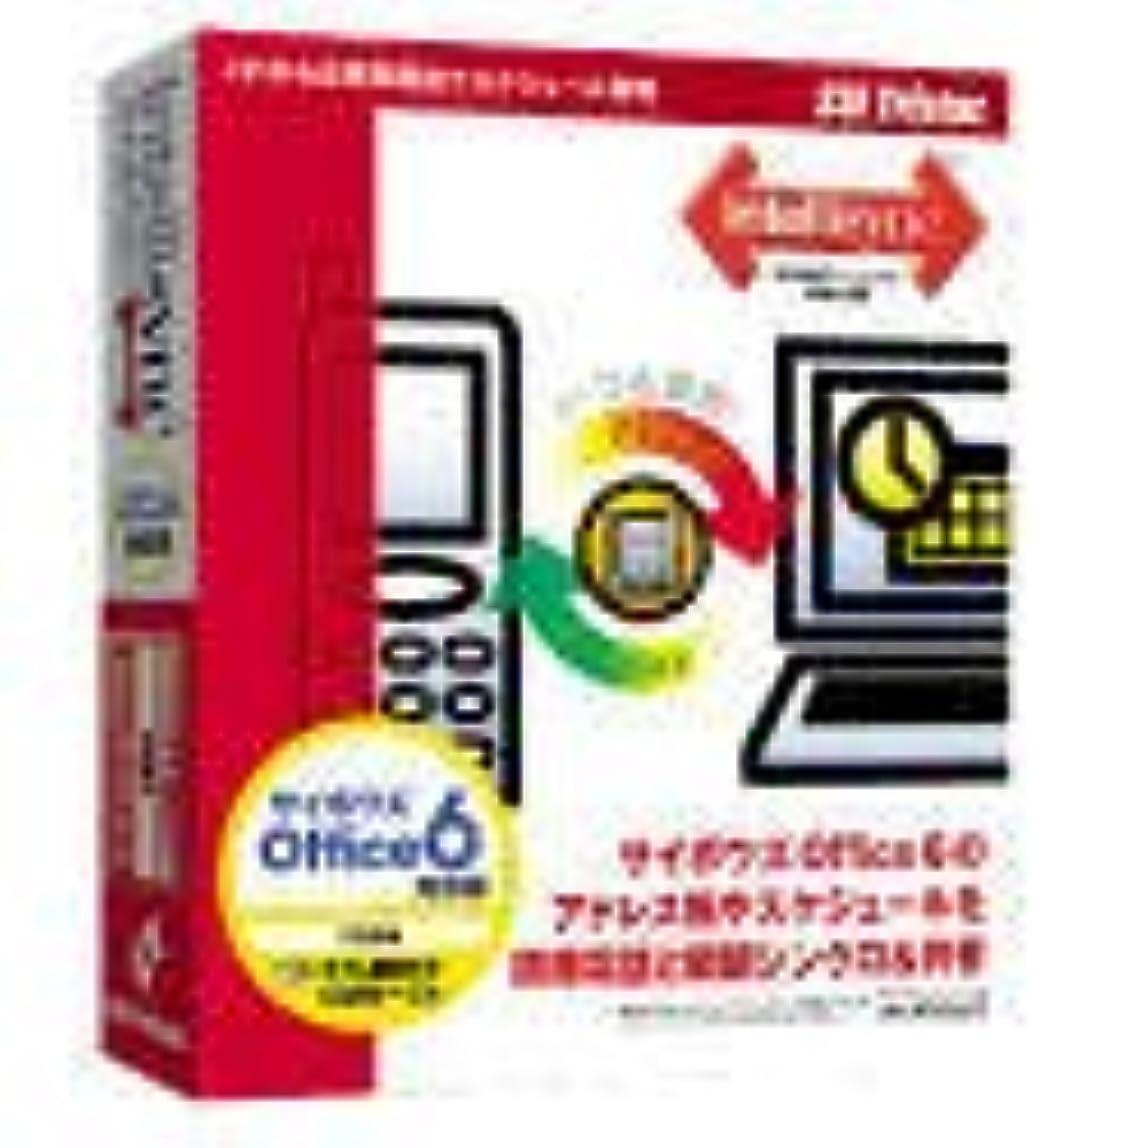 Intellisync 5.2J サイボウズ Office 6 対応版 FOMA用モデム機能付きUSBケーブル付属 for Windows